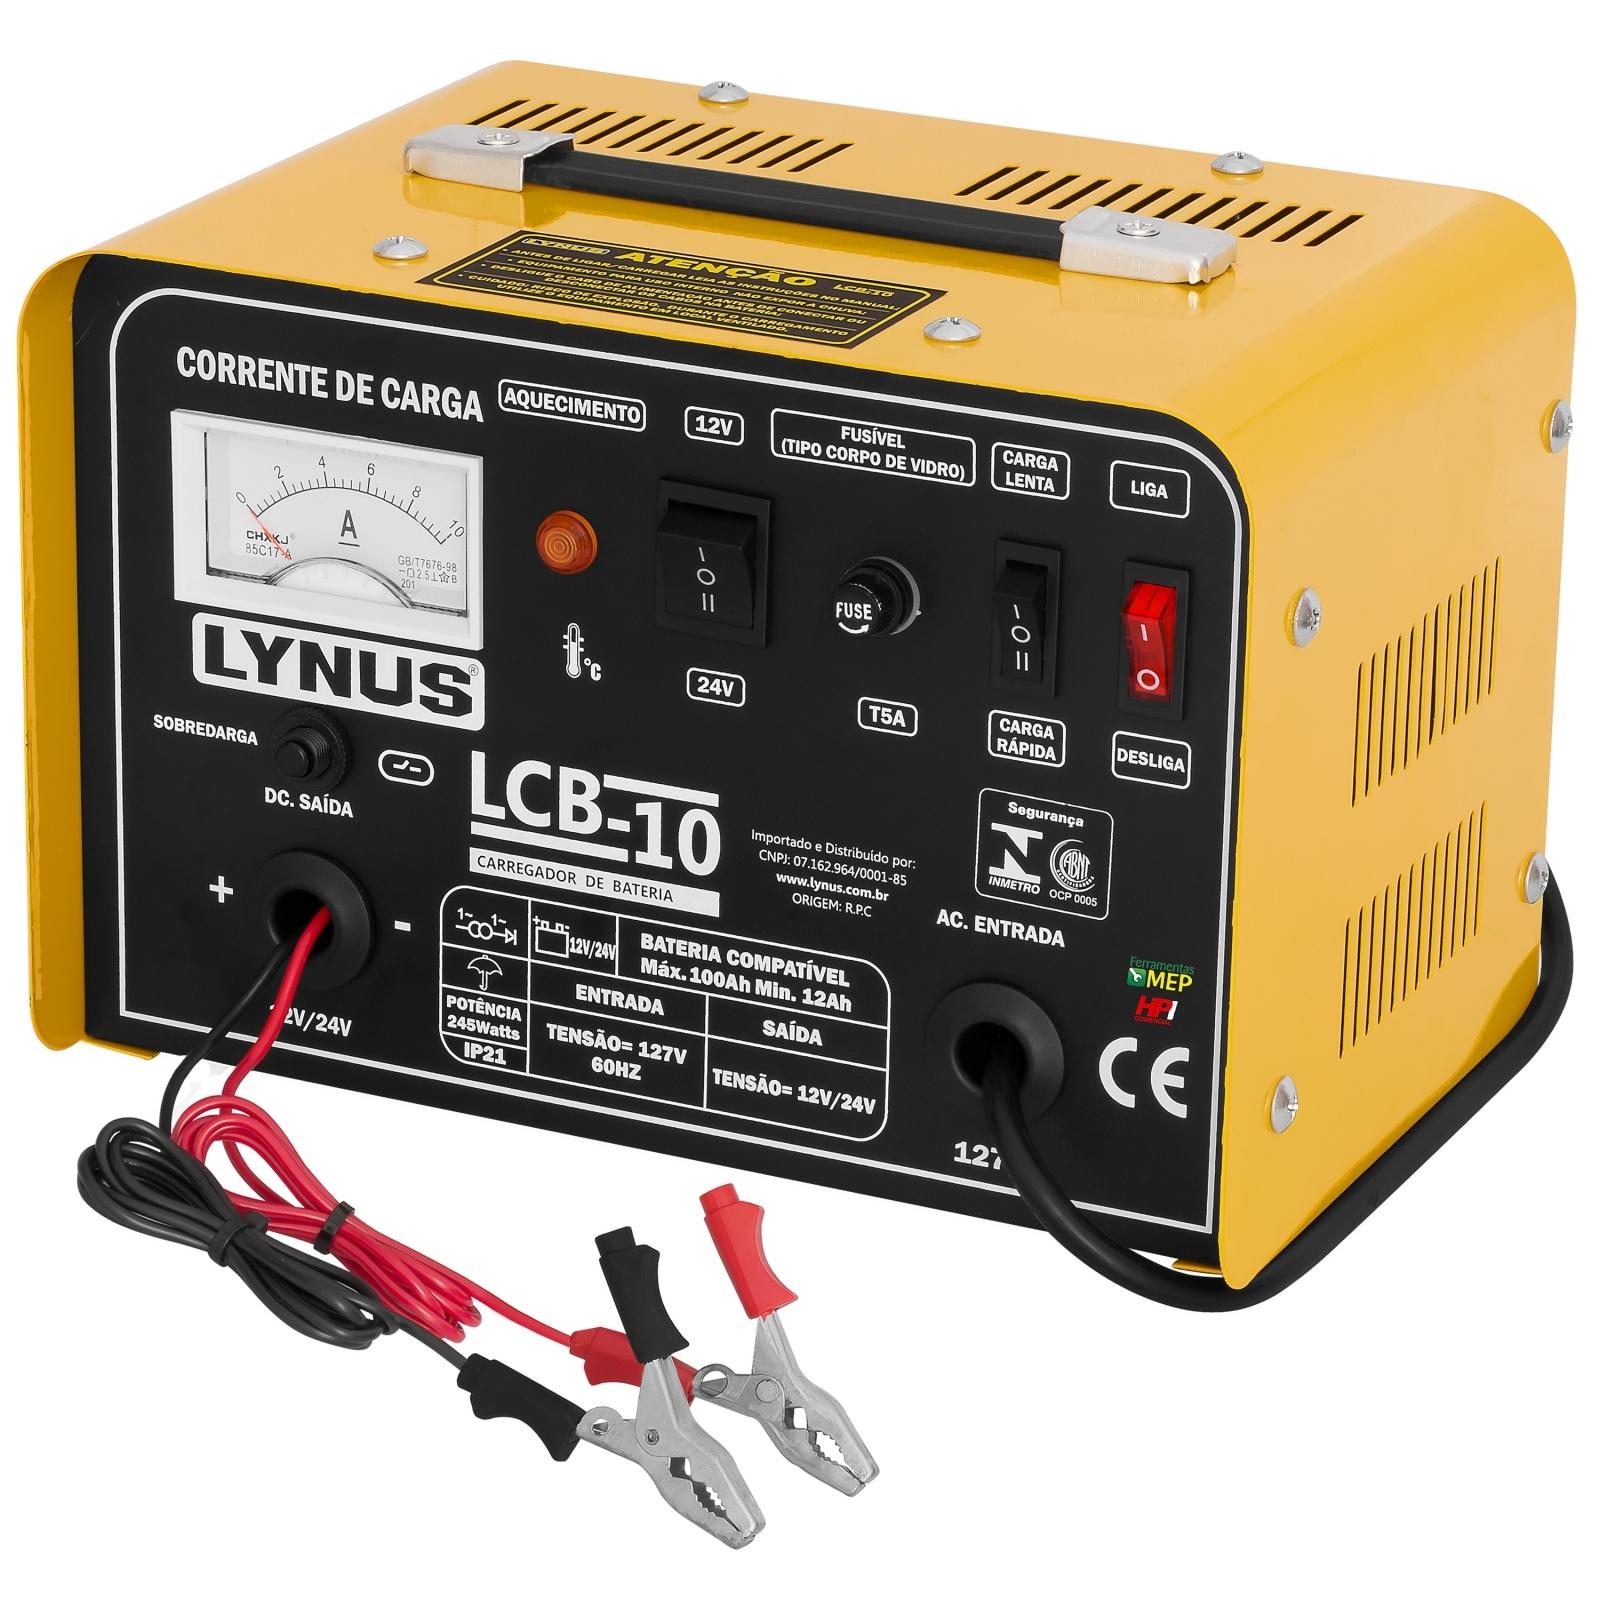 Carregador De Bateria Lynus Modelo LCB-10 100amp - Ferramentas MEP